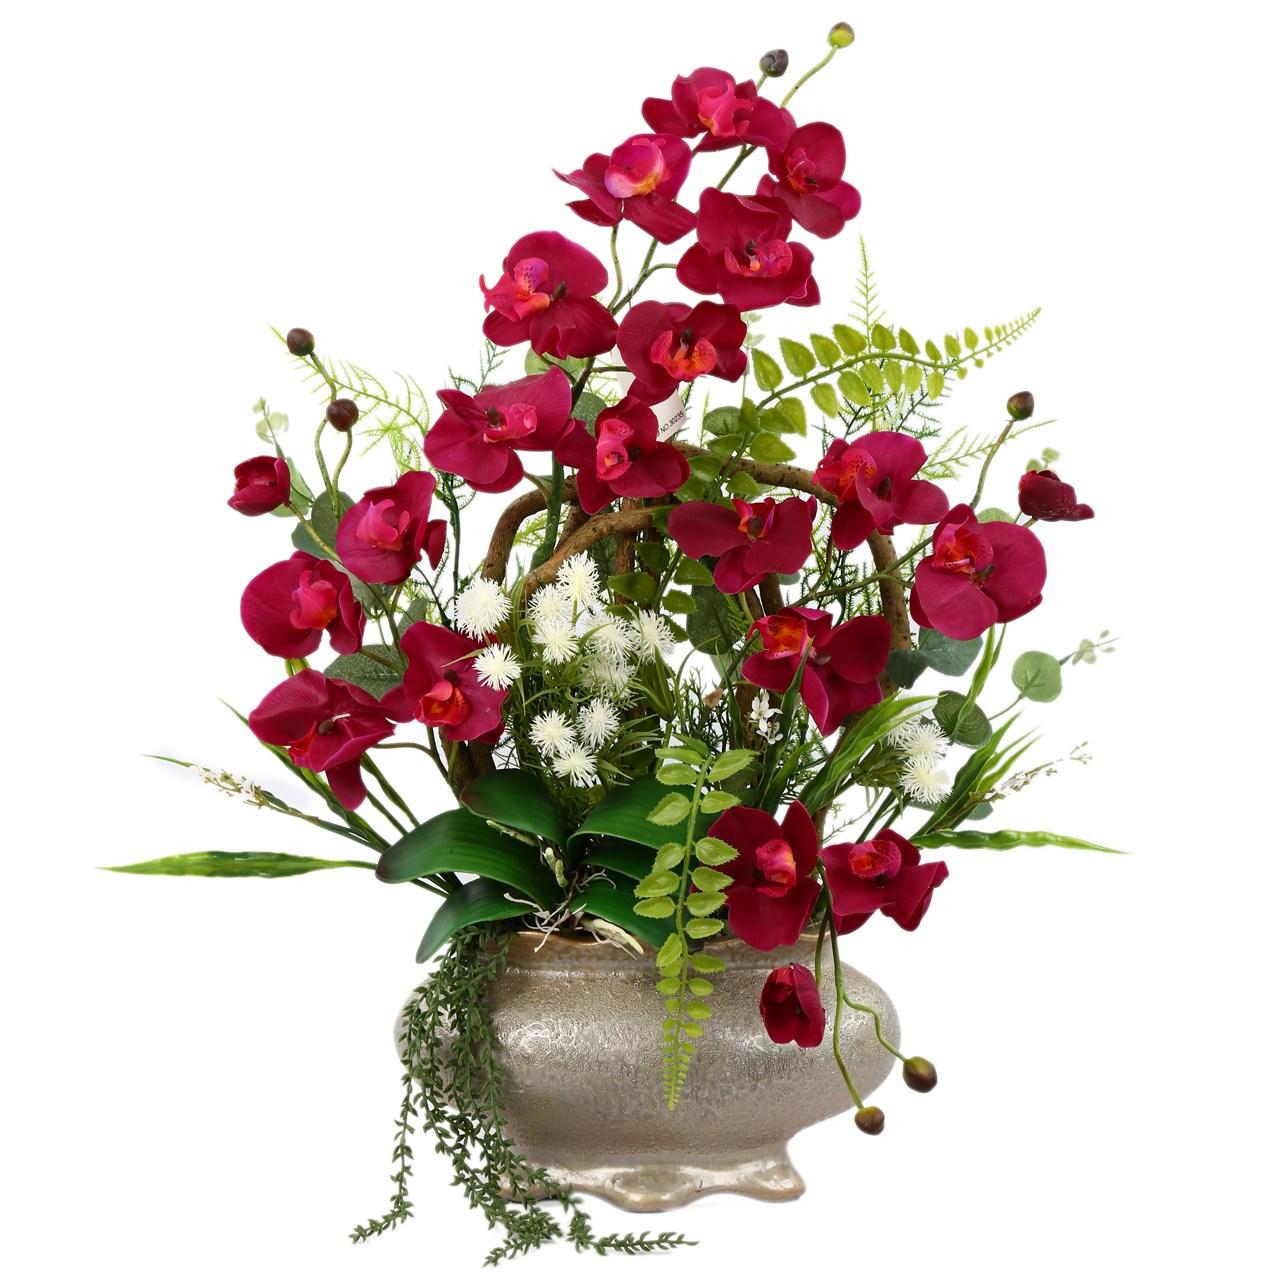 گلدان به همراه گل مصنوعی هومز طرح ارکیده زرشکی مدل 31774